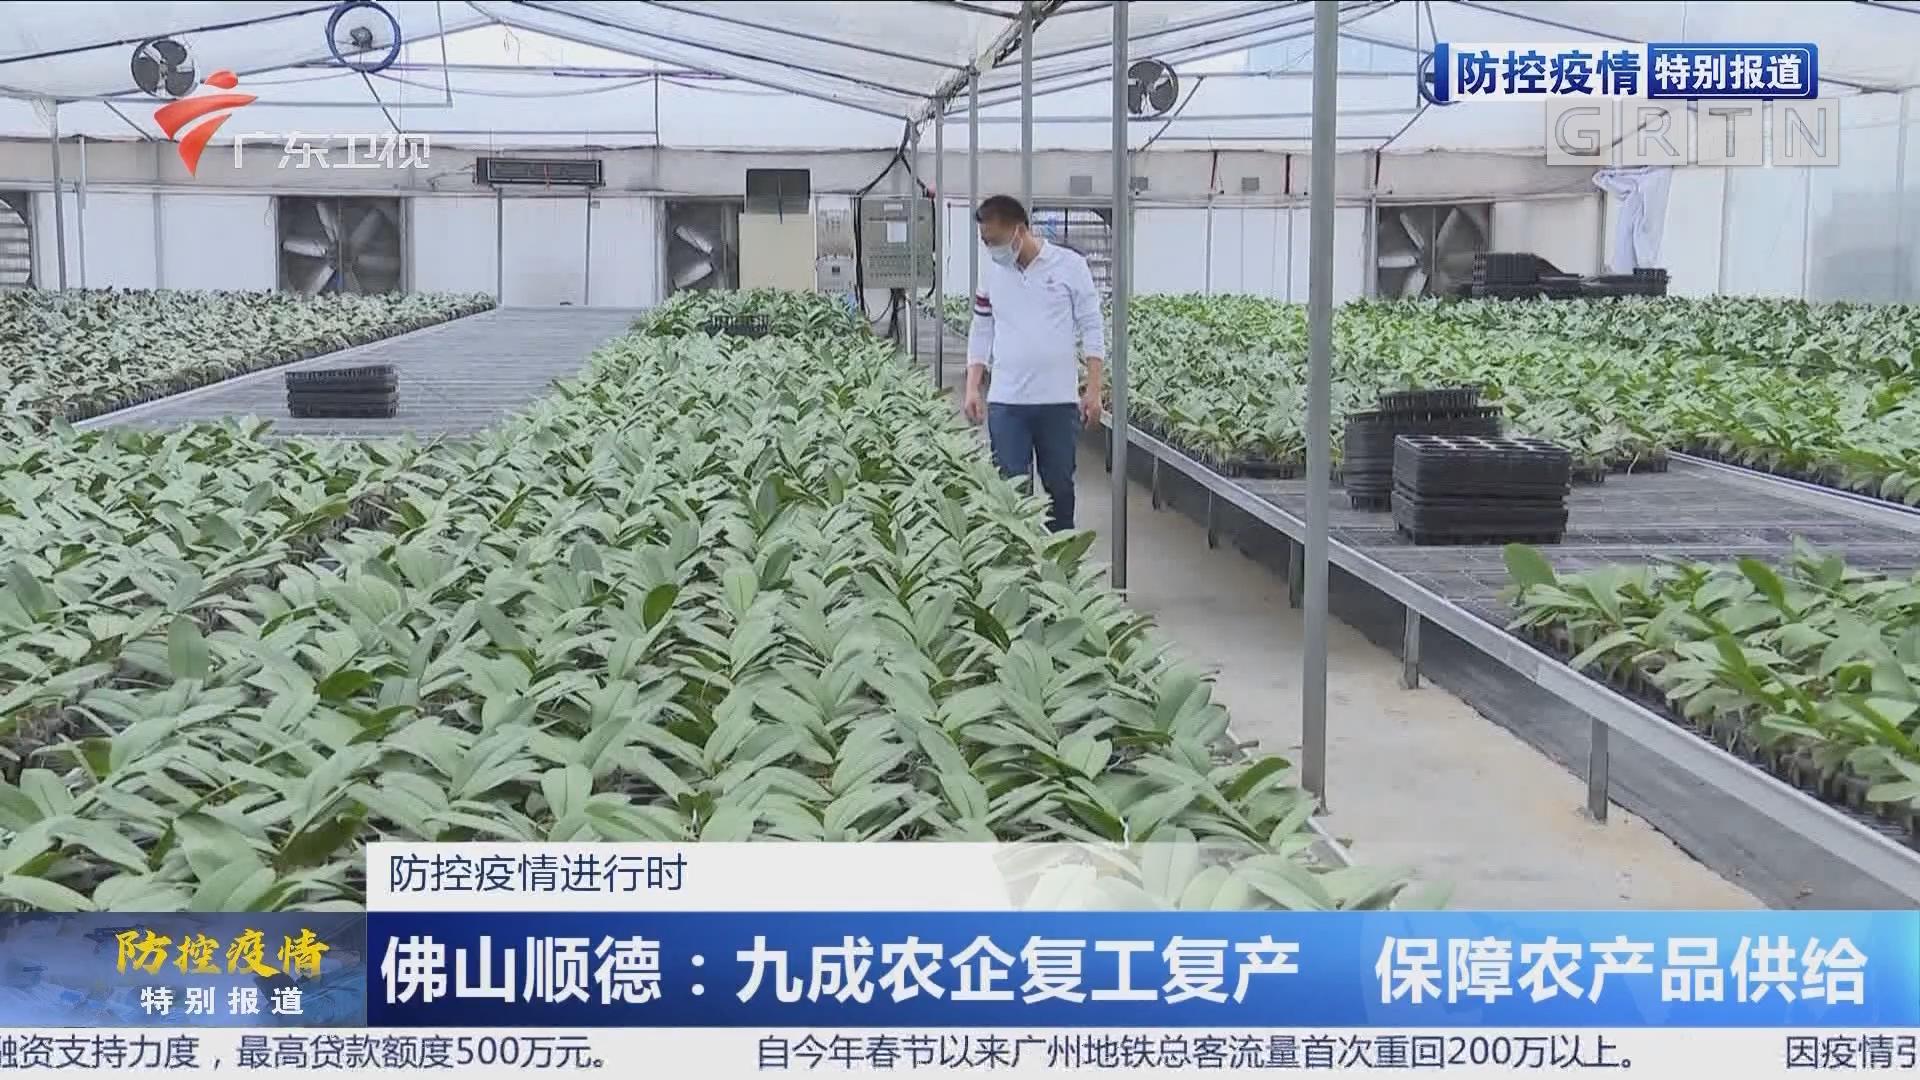 防控疫情进行时 佛山顺德:九成农企复工复产 保障农产品供给